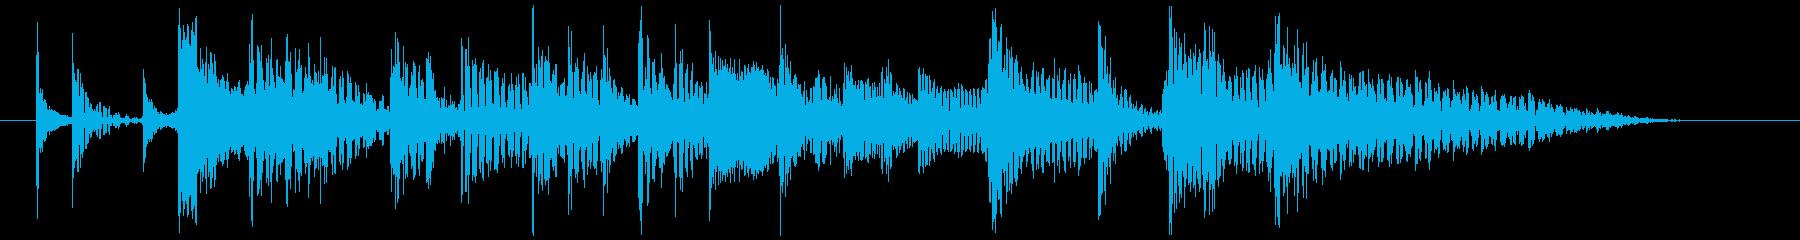 80's ニューウェイブ風ジングル2の再生済みの波形